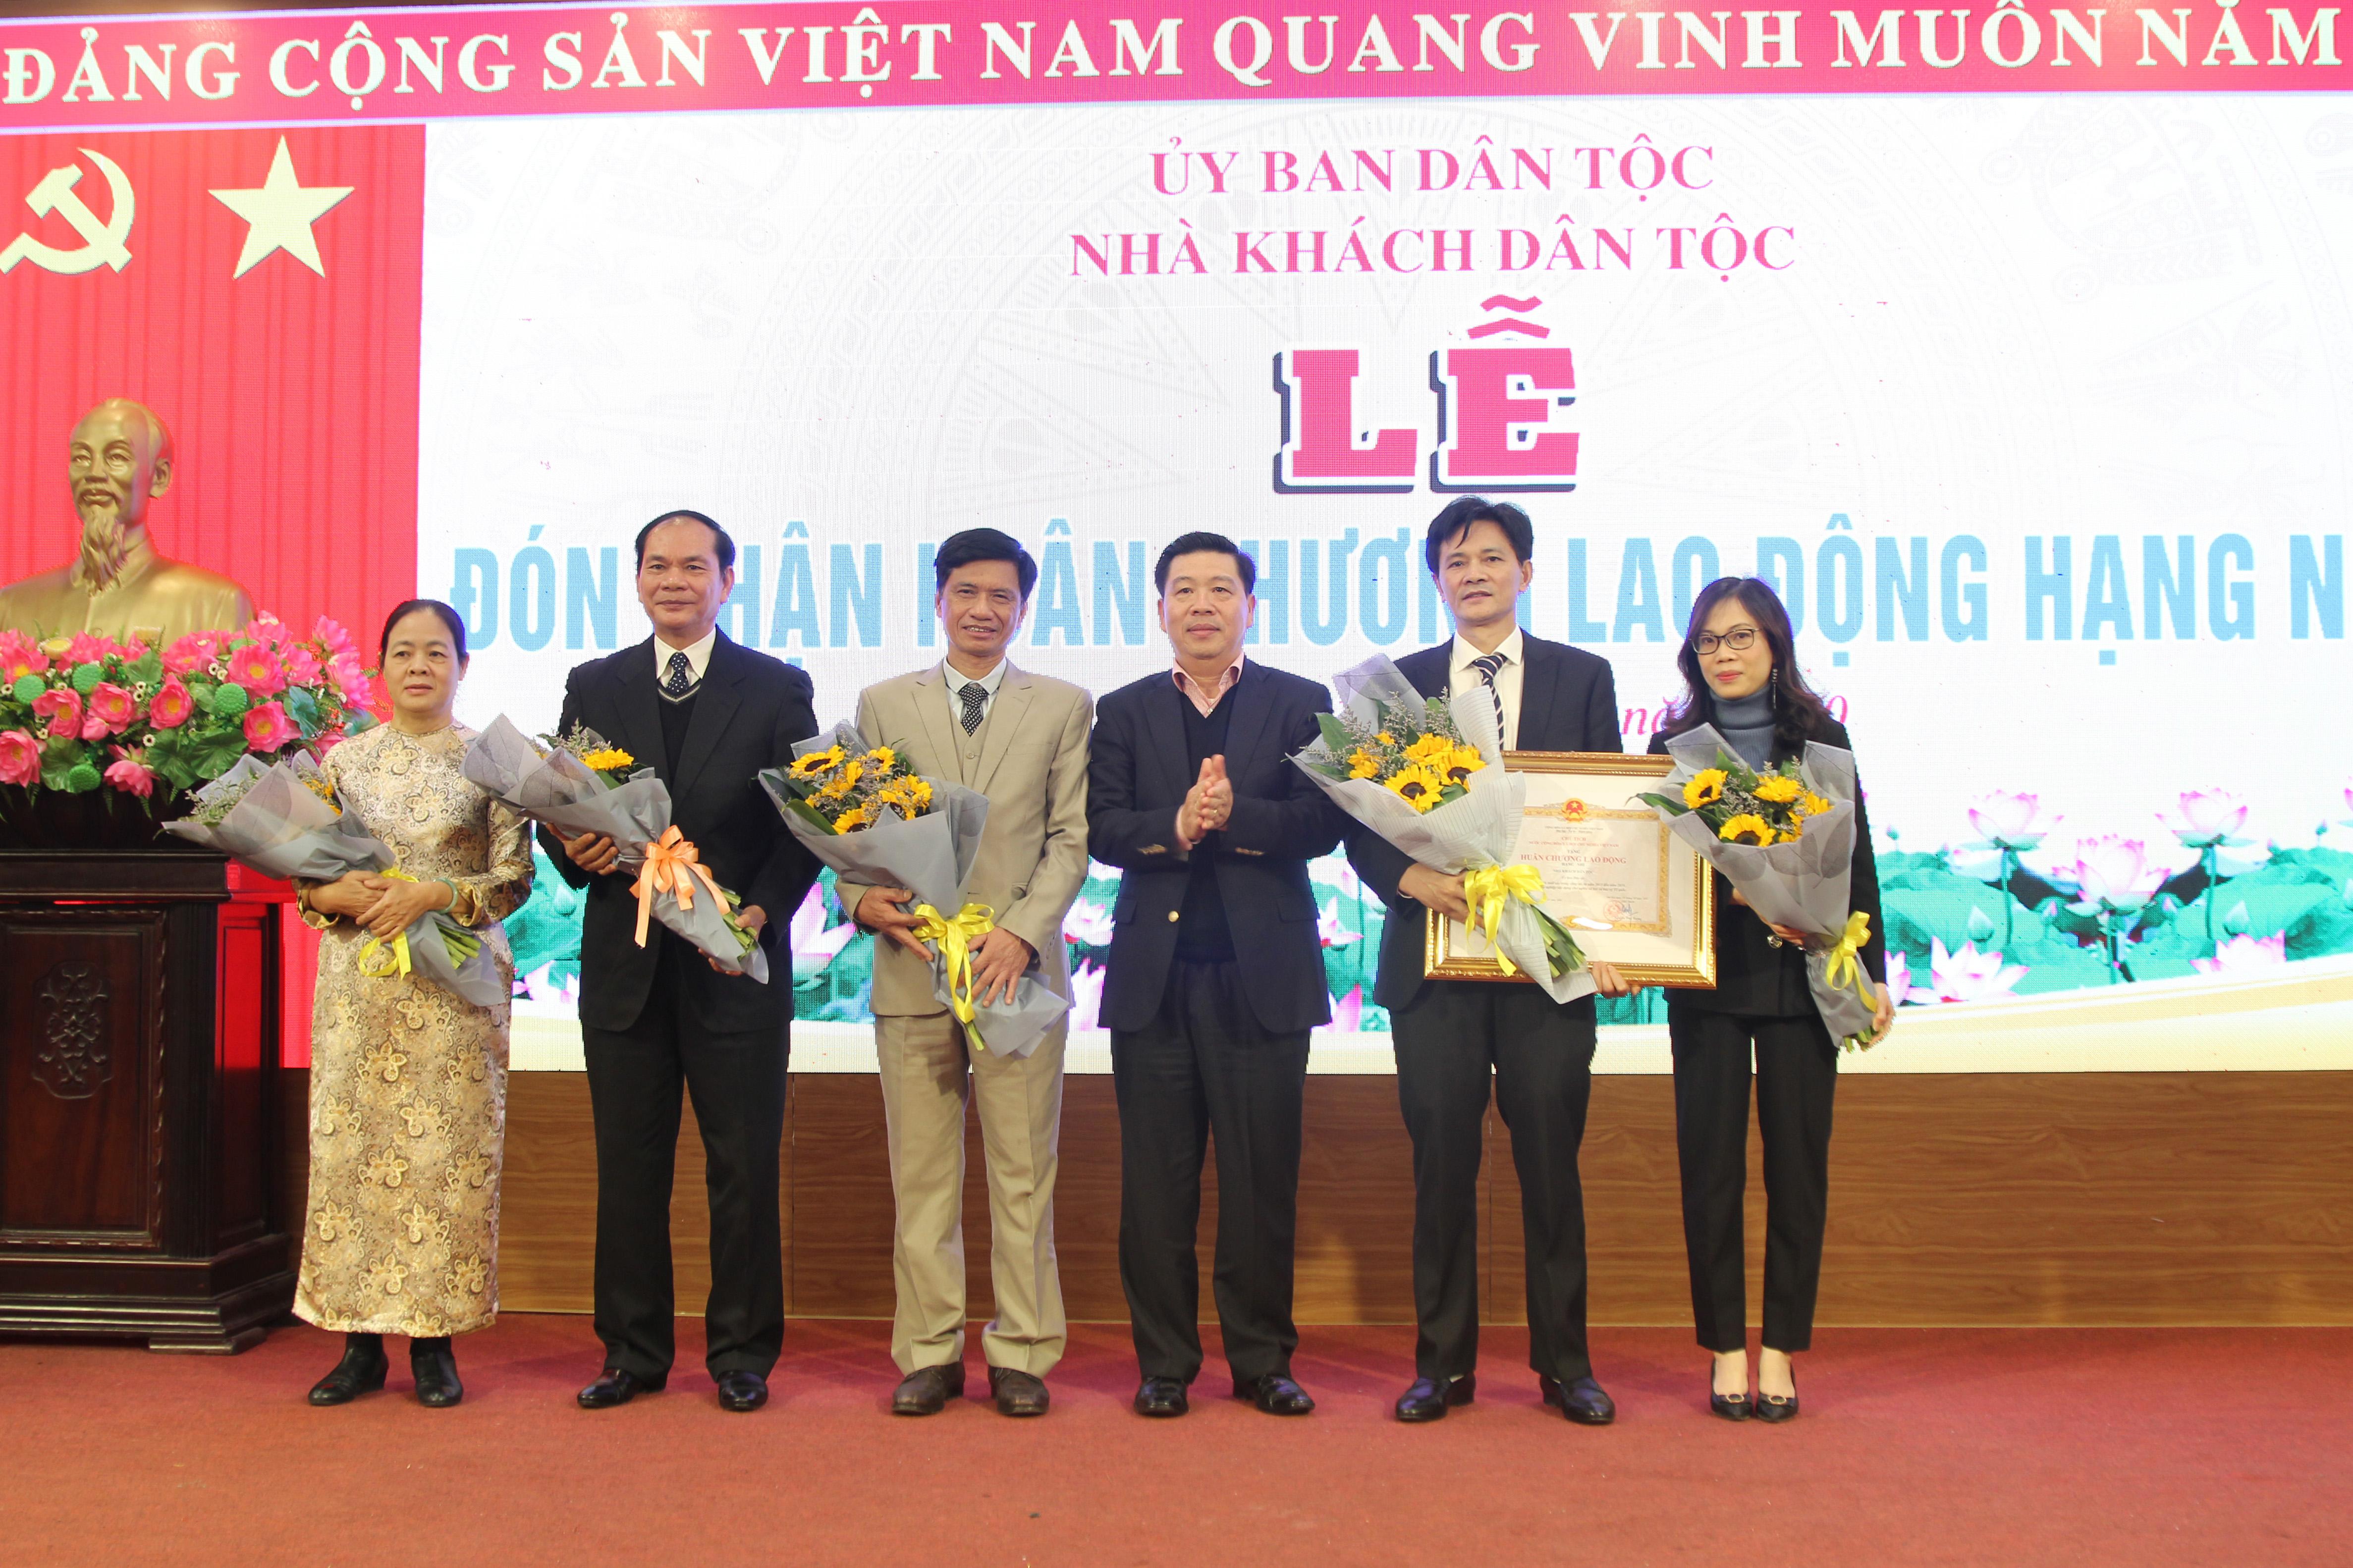 Thừa ủy quyền của Chủ tịch nước, Thứ trưởng, Phó Chủ nhiệm UBDT Lê Sơn Hải đã trao Huân chương Lao động hạng Nhì cho Khách sạn Dân tộc.